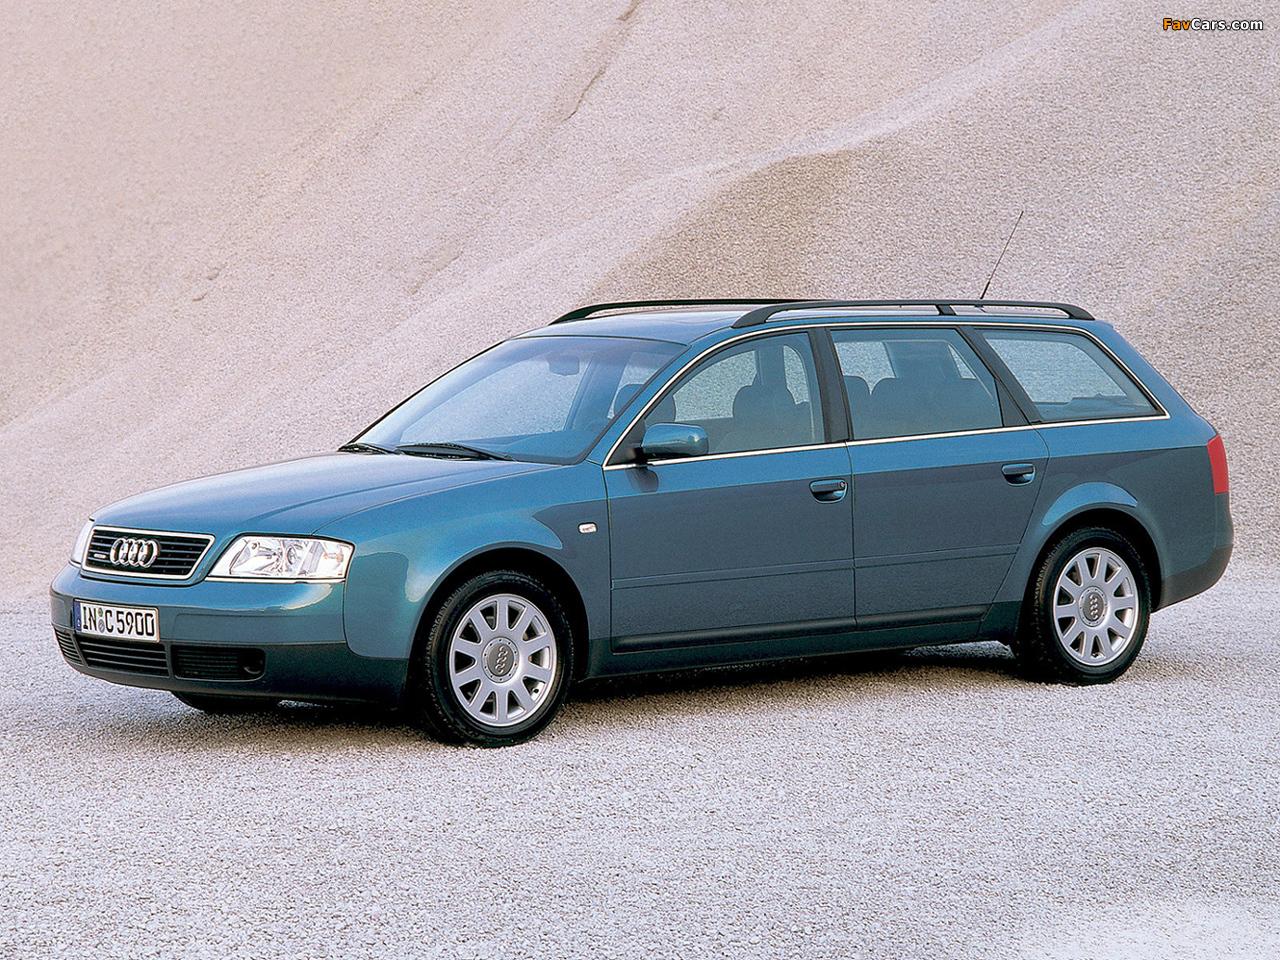 Audi a6 2.8 quattro 1998